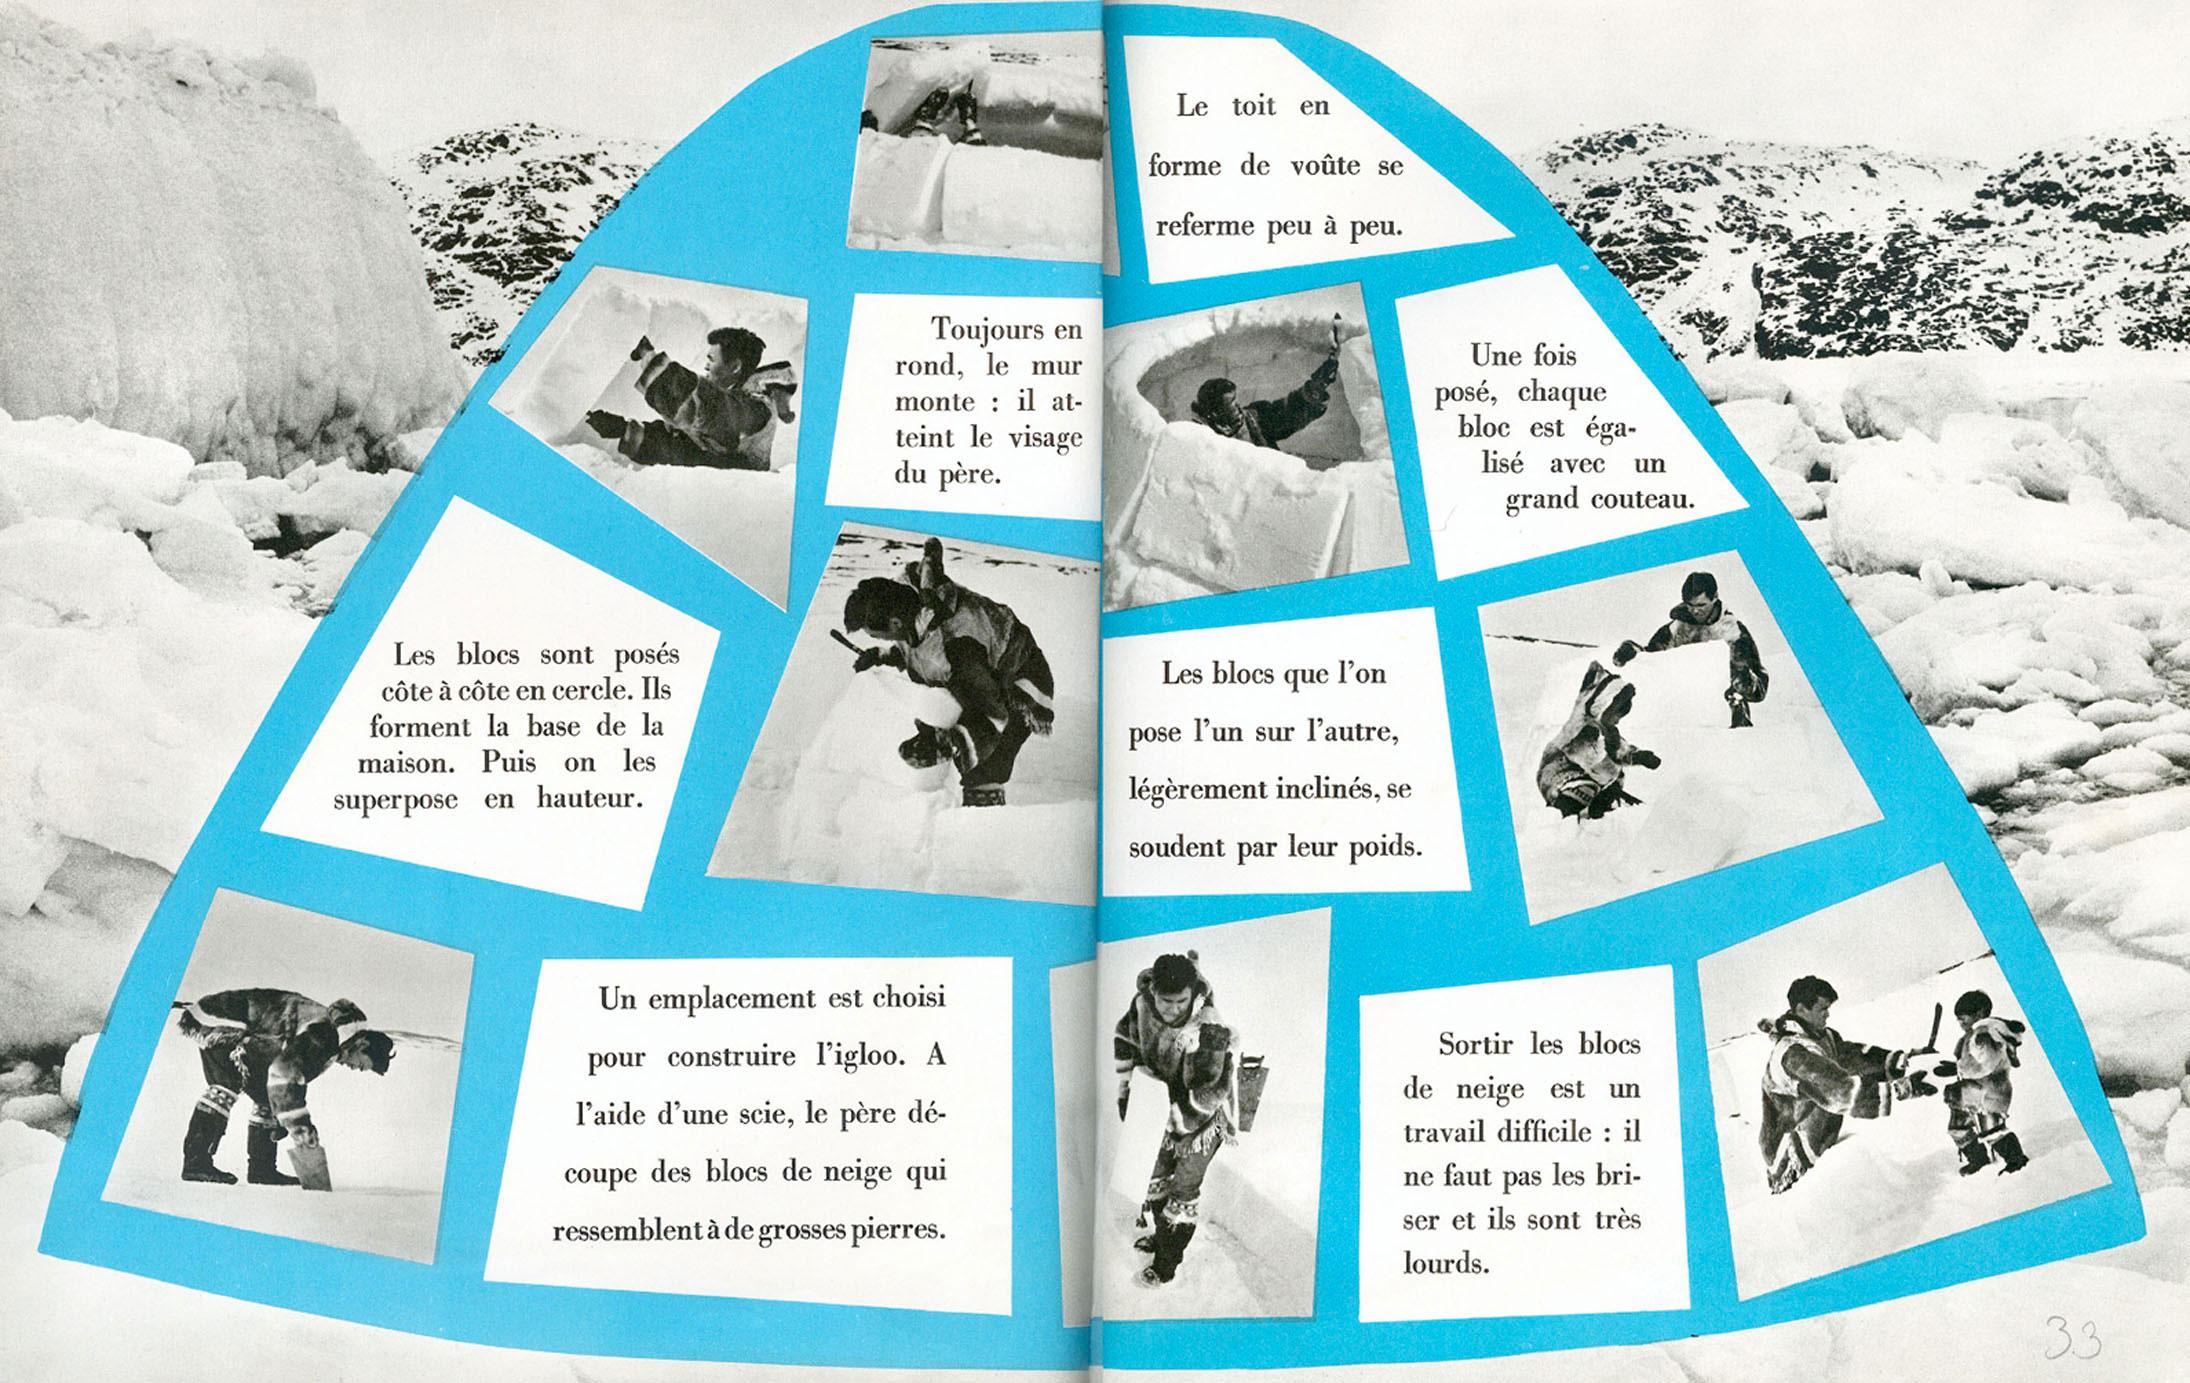 dominique-darbois-livre-collection-enfants-du-monde-graphisme-achouna-01